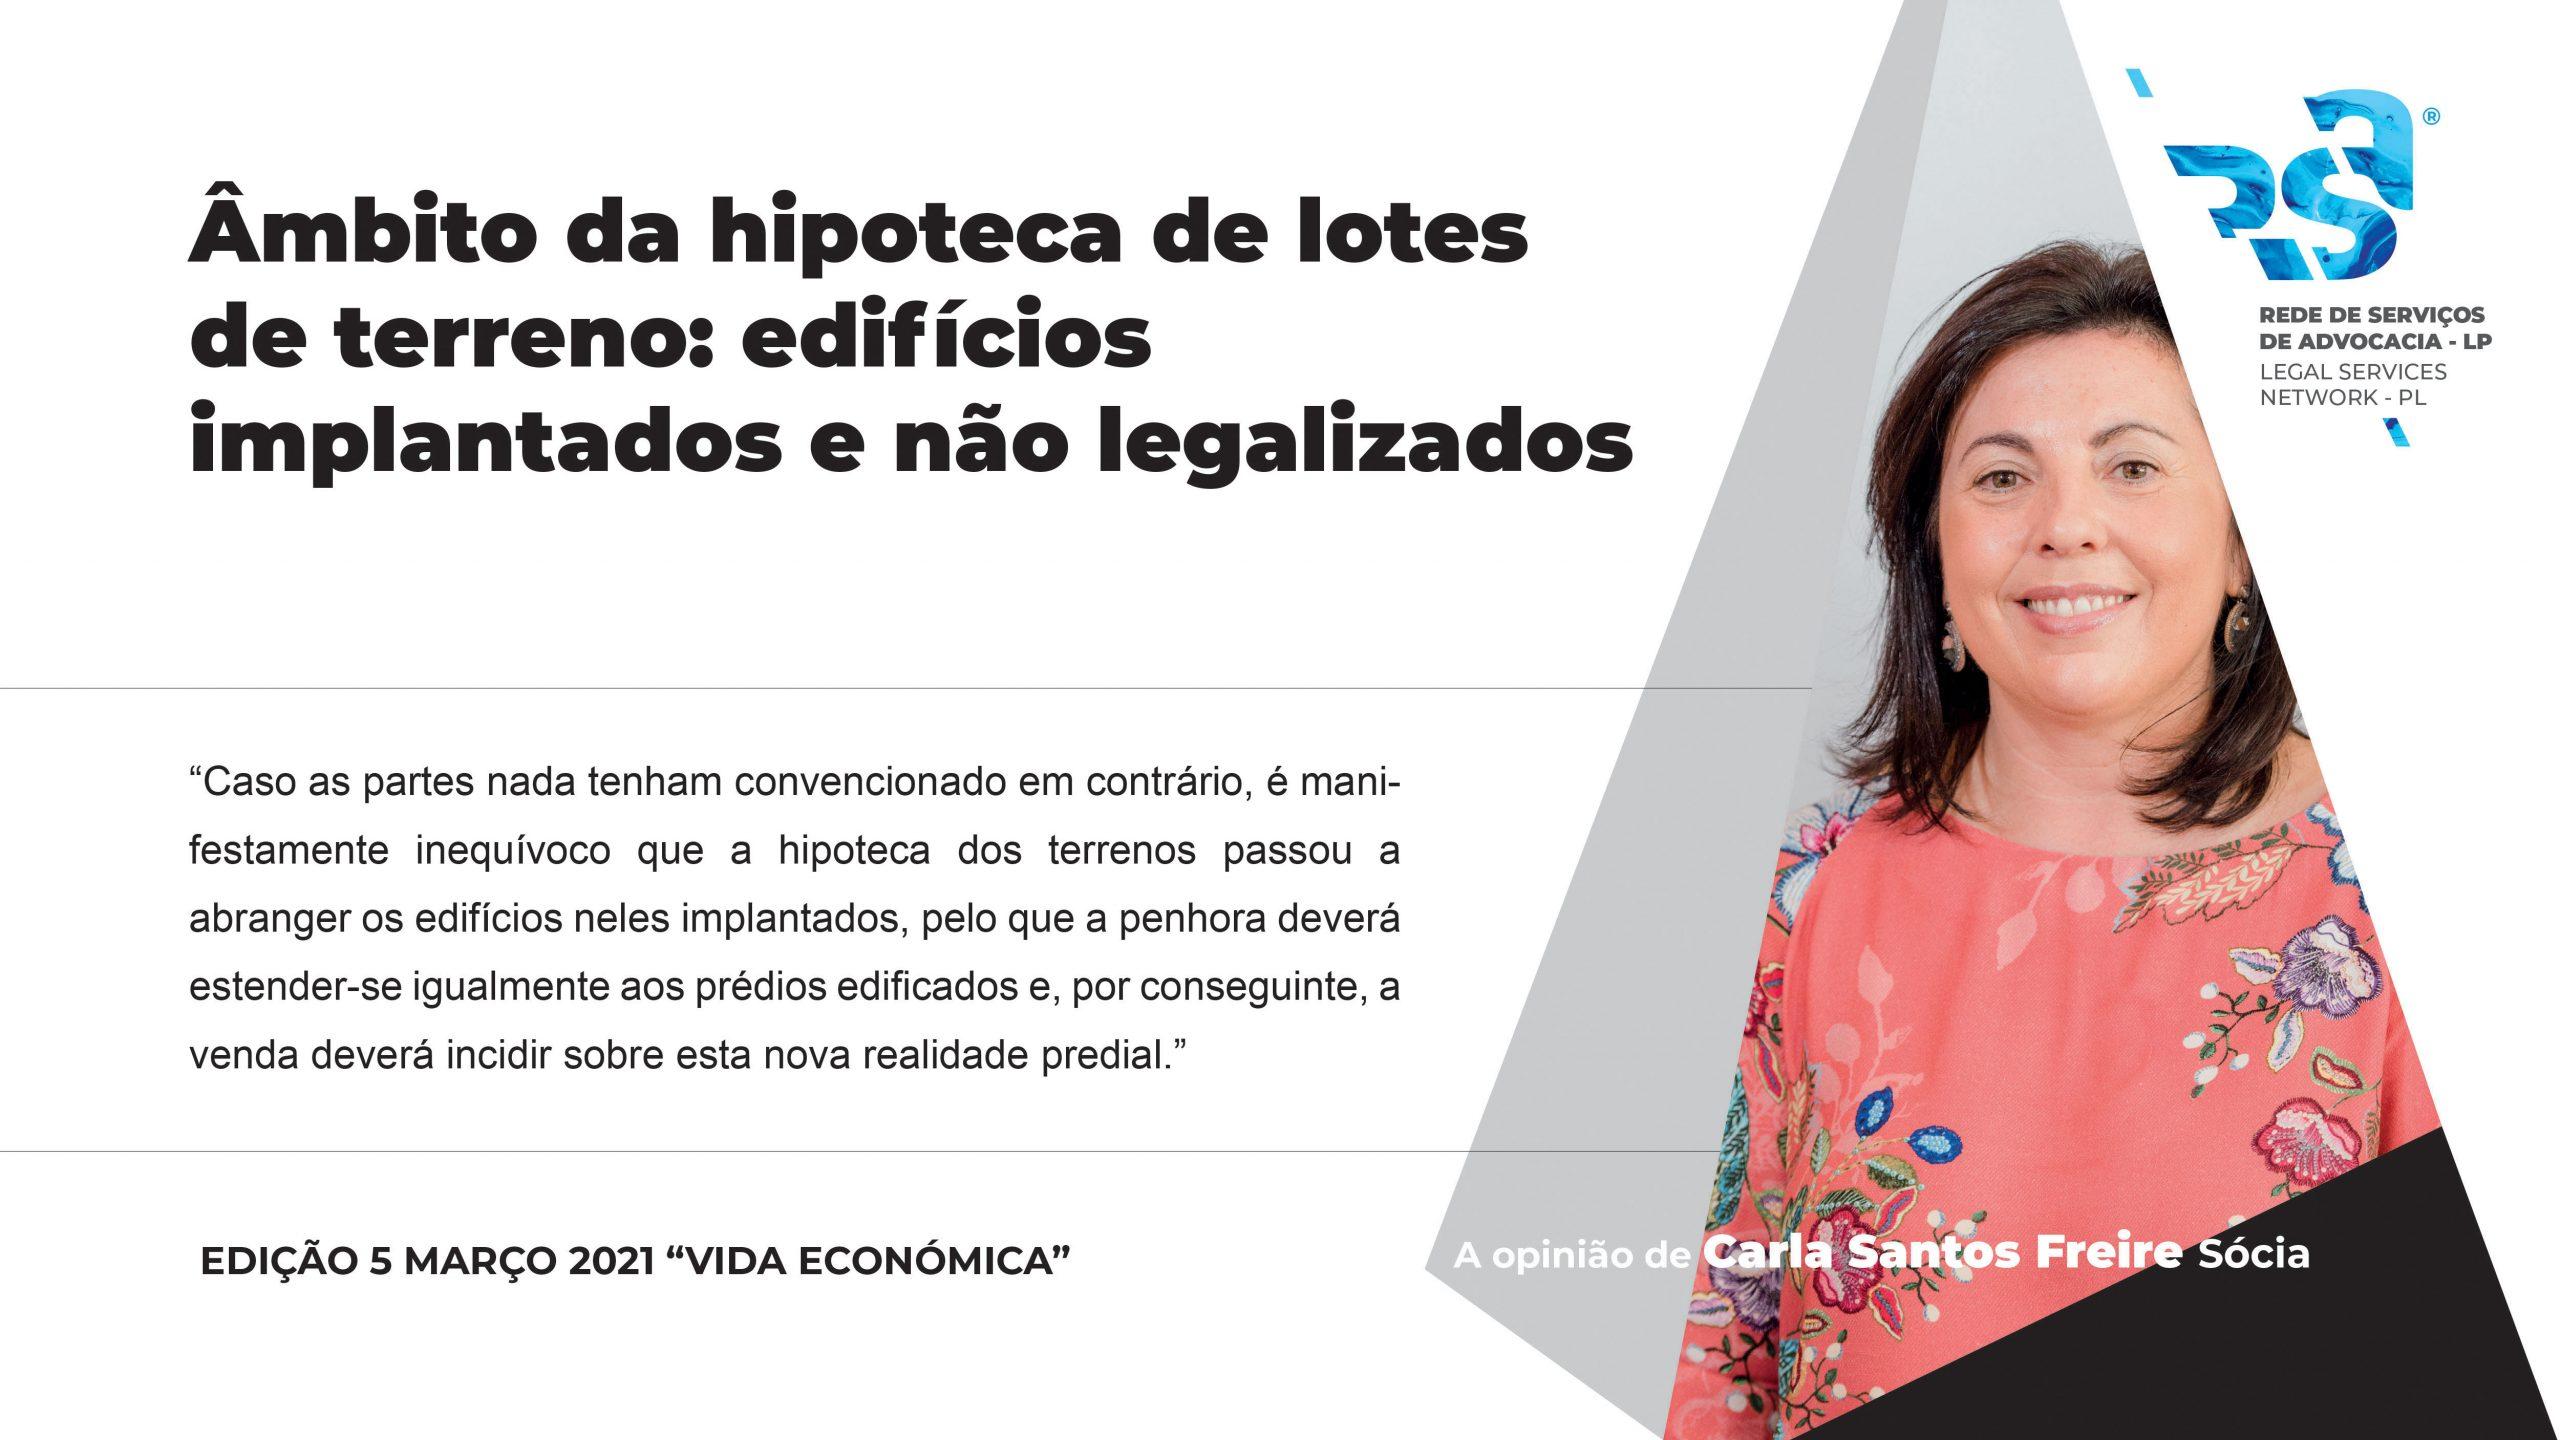 Âmbito da hipoteca de lotes de terreno: edifícios implantados e não legalizados, por Carla Santos Freire - Sócia RSA LP